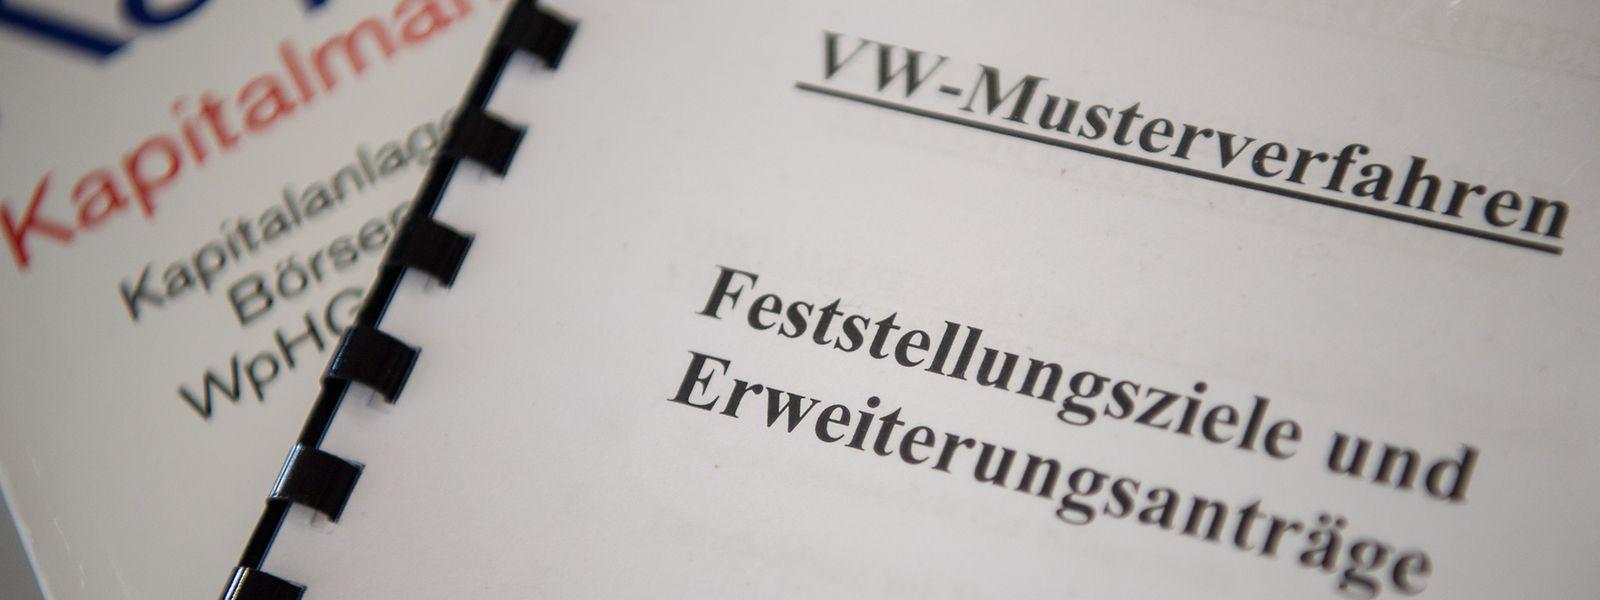 Zu Beginn eines Prüfverfahrens für ein mögliches zweites Musterverfahren zum VW-Dieselskandal vor dem Oberlandesgericht Stuttgart liegen Aktenordner in einem Gerichtssaal.